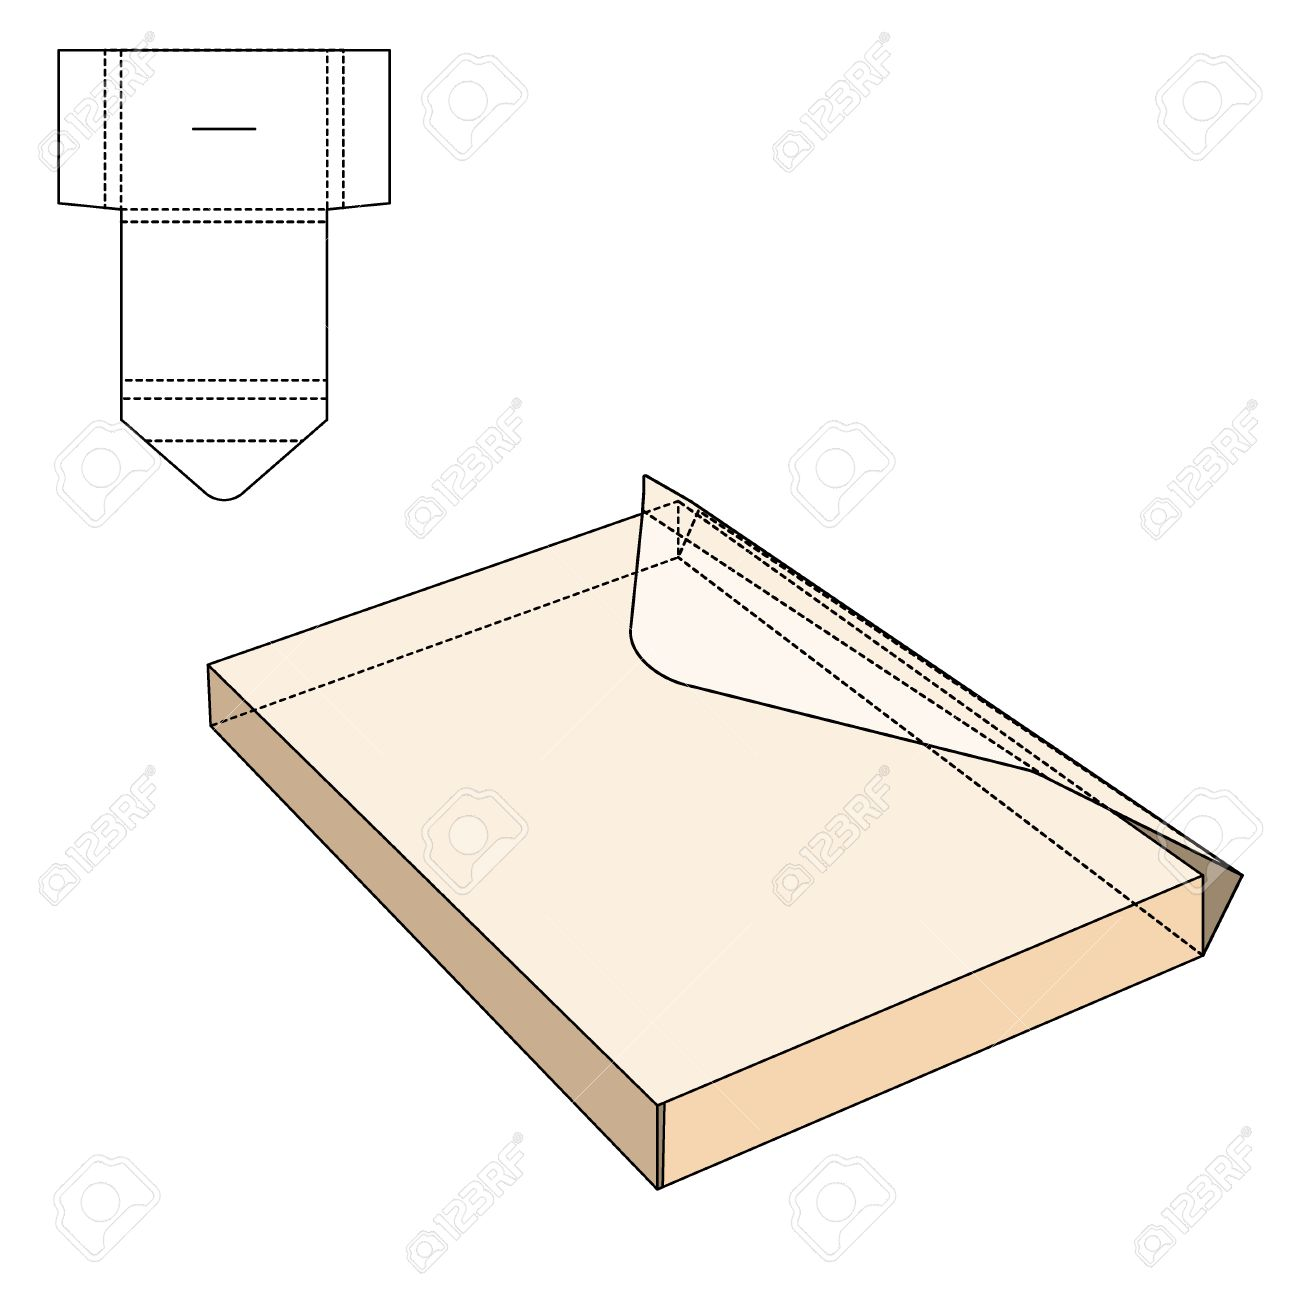 Ausgezeichnet Basketball Schuss Diagramm Vorlage Zeitgenössisch ...